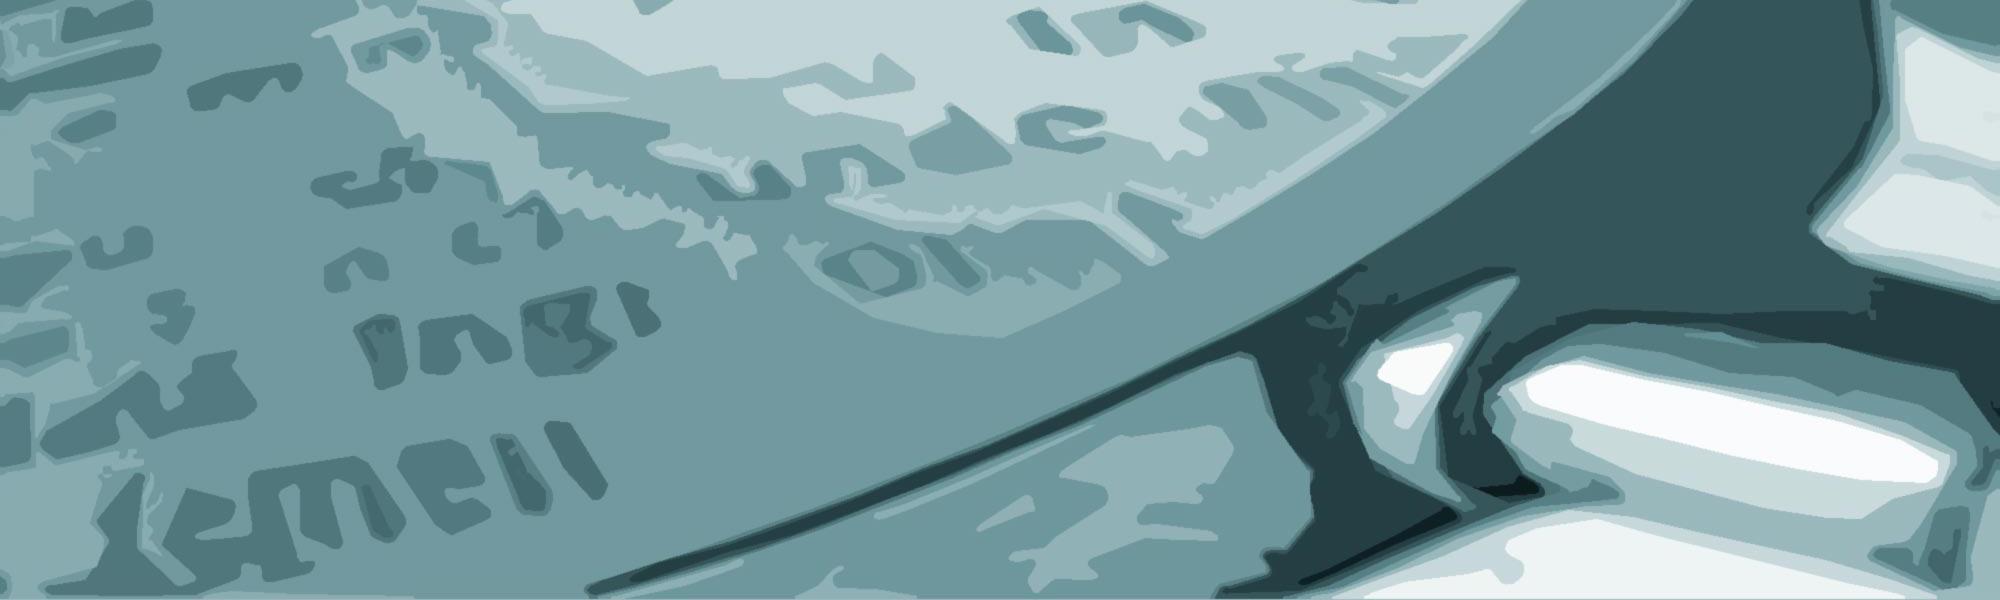 Recruiting optimieren: Analyse und Gutachten